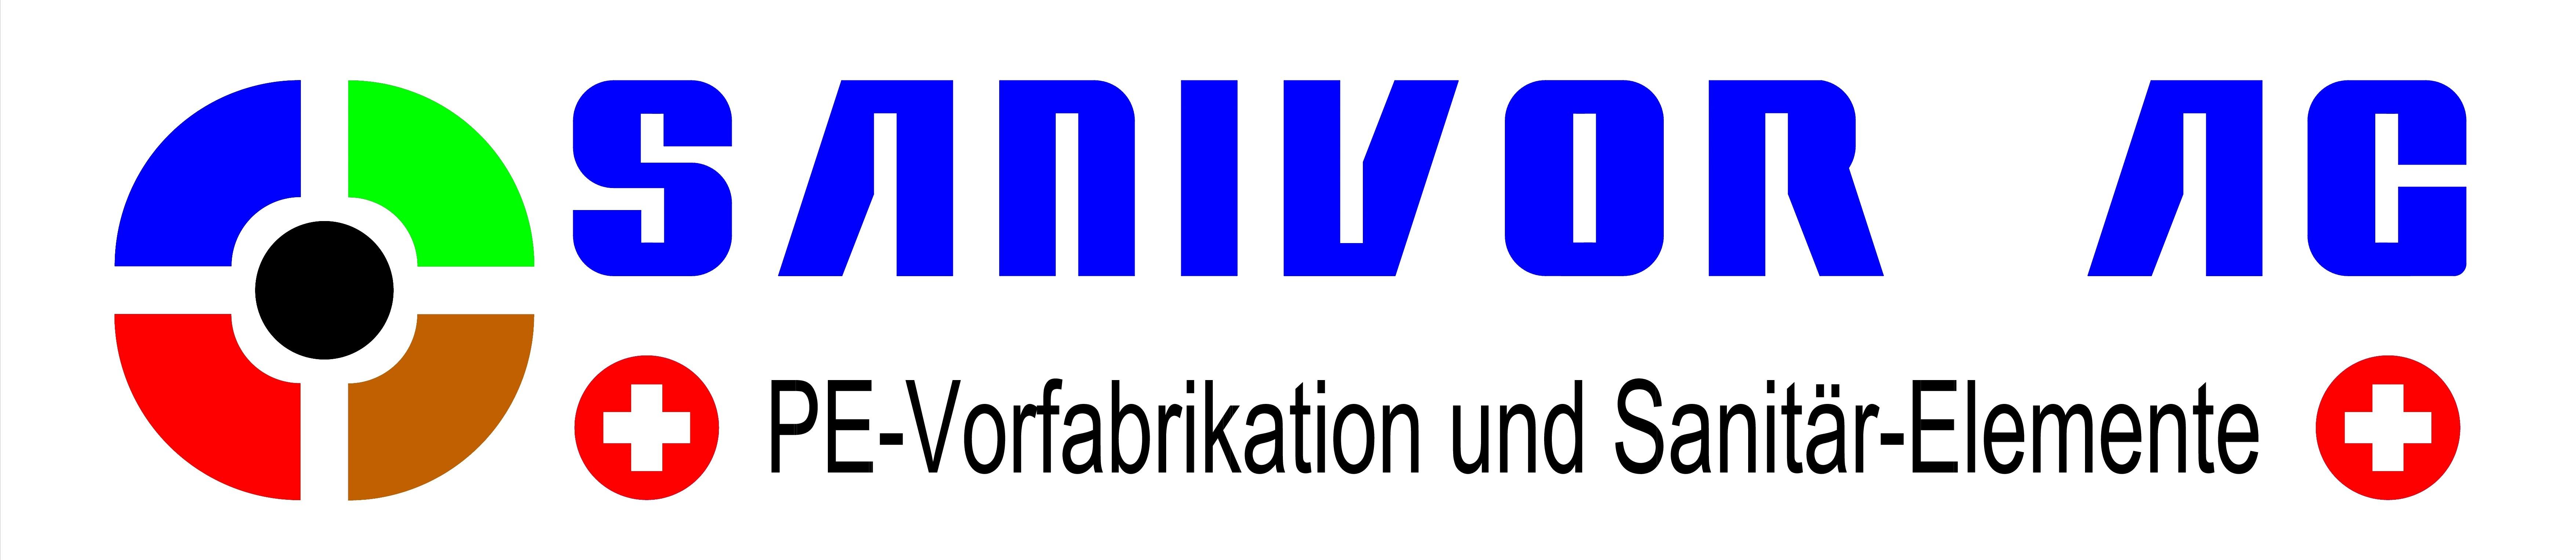 Sanivor AG